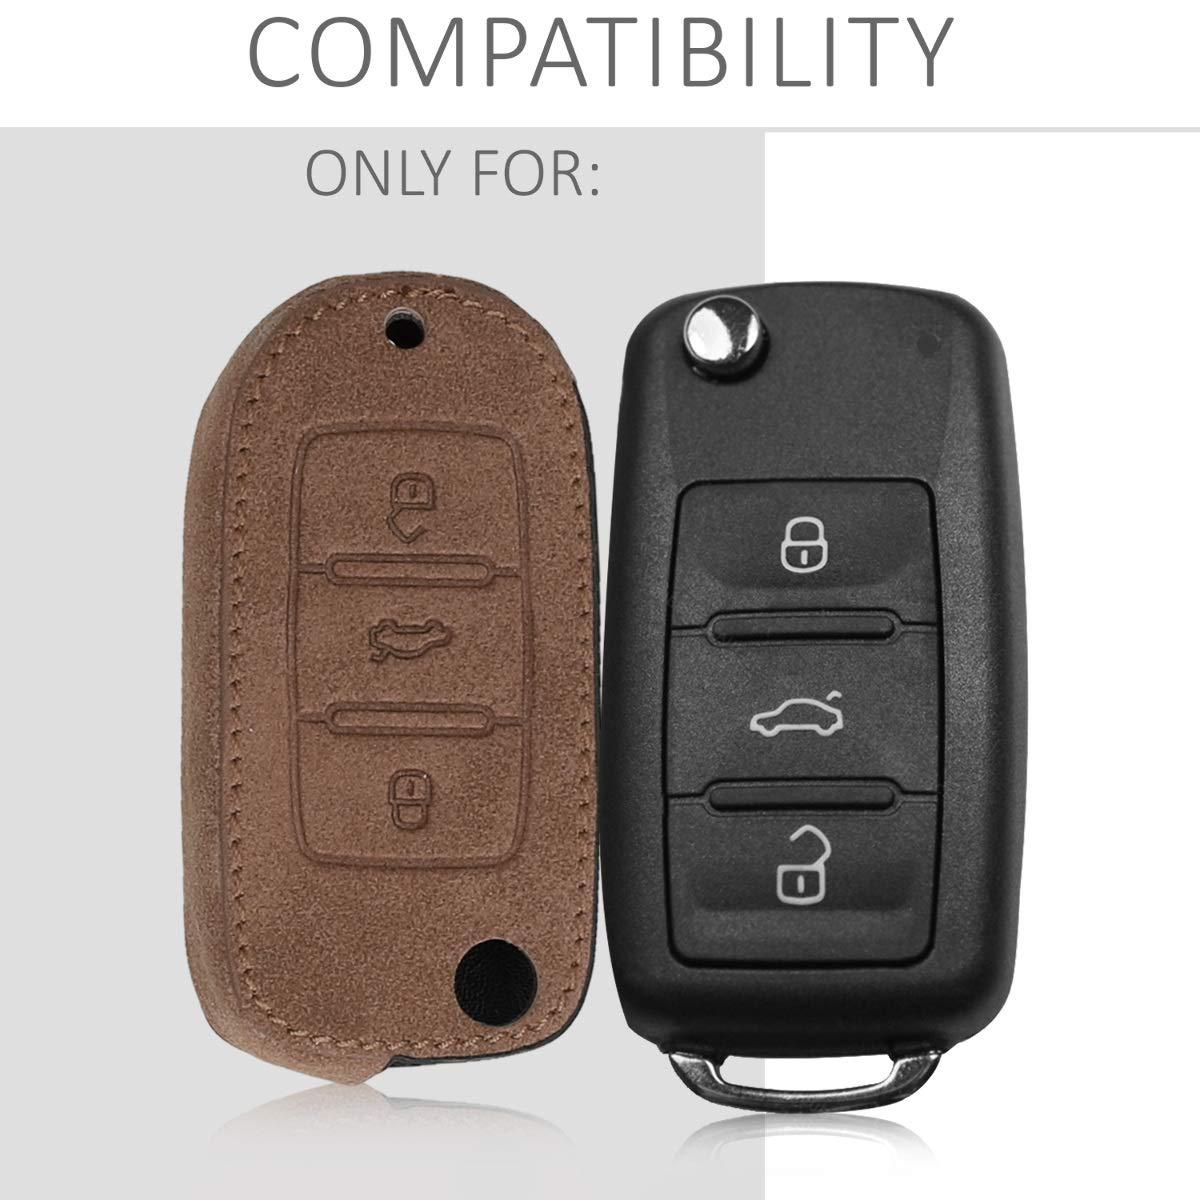 kwmobile Cover in Similpelle per Chiave VW Skoda Seat Guscio coprichiave Protettivo in Pelle PU per Chiavi Macchina Custodia Protezione per Chiave VW Skoda Seat con 3 Tasti